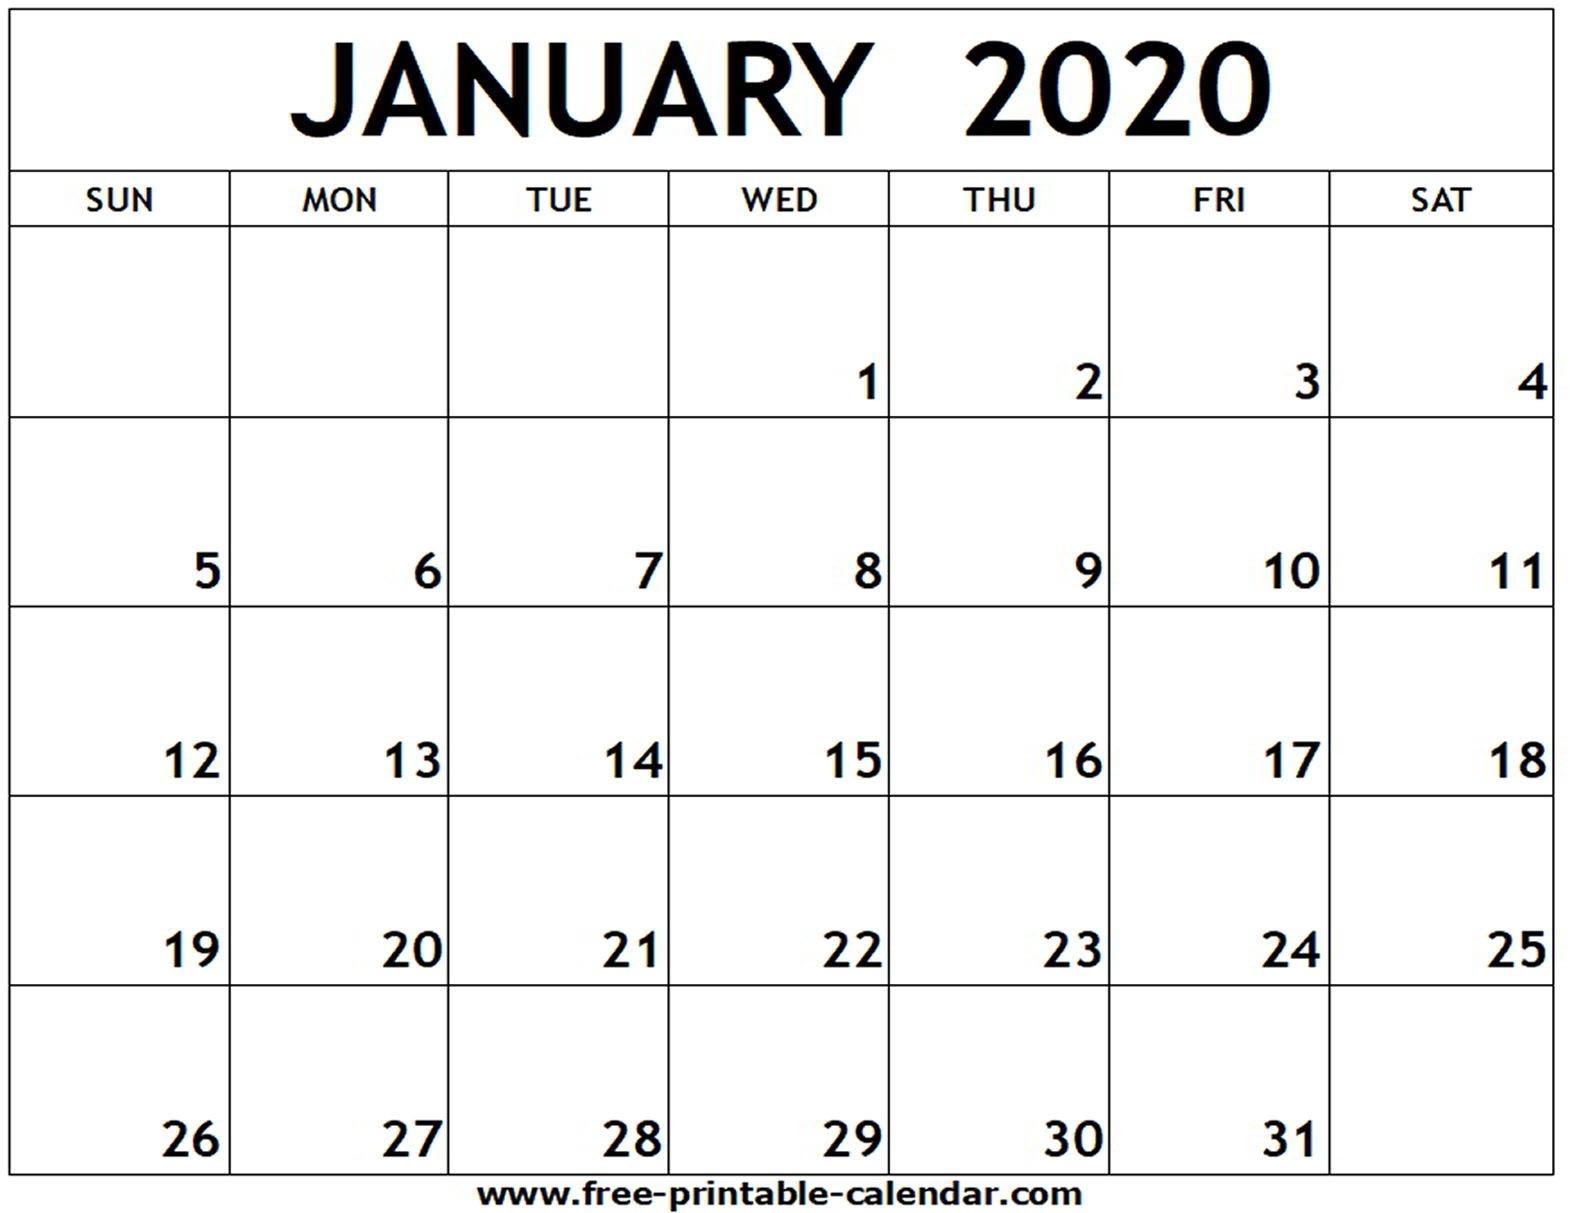 January 2020 Printable Calendar - Free-Printable-Calendar  Free Printable Calendar 2020 Monthly